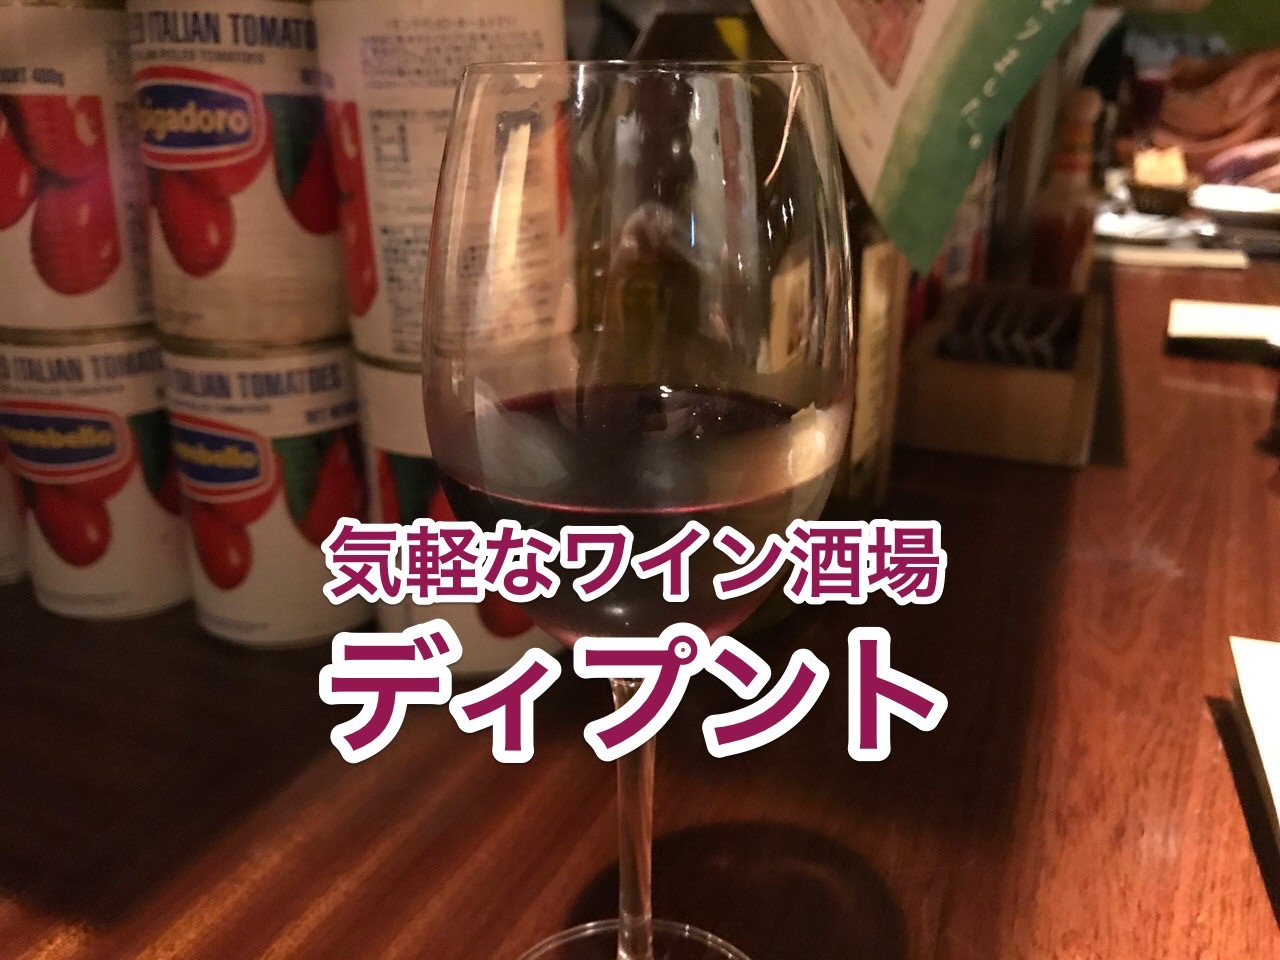 「ディプント」気軽に立ち寄れるワイン酒場【池袋】